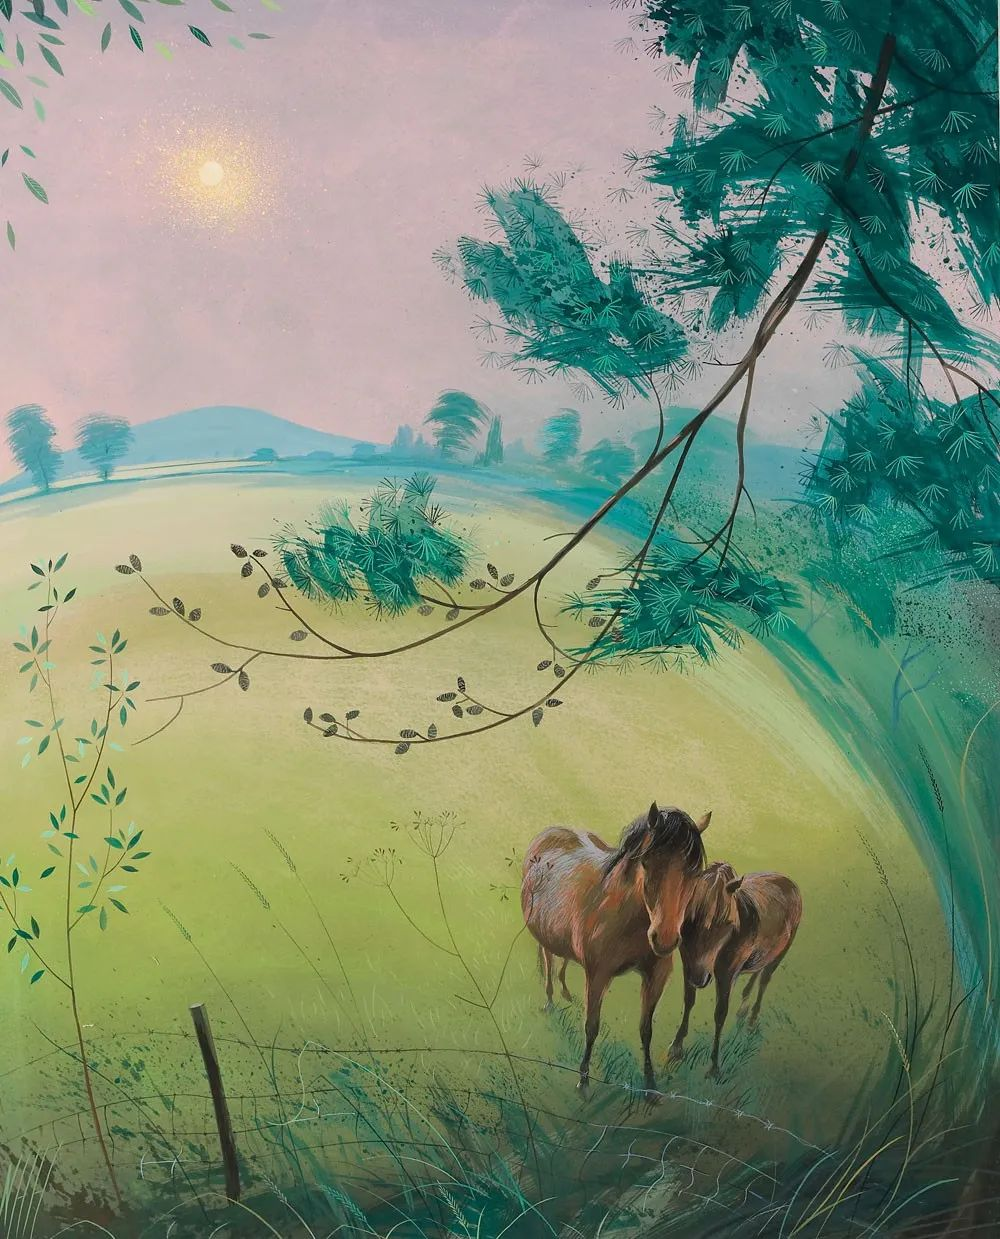 清新的诗意——尼古拉斯·哈钦森作品插图9